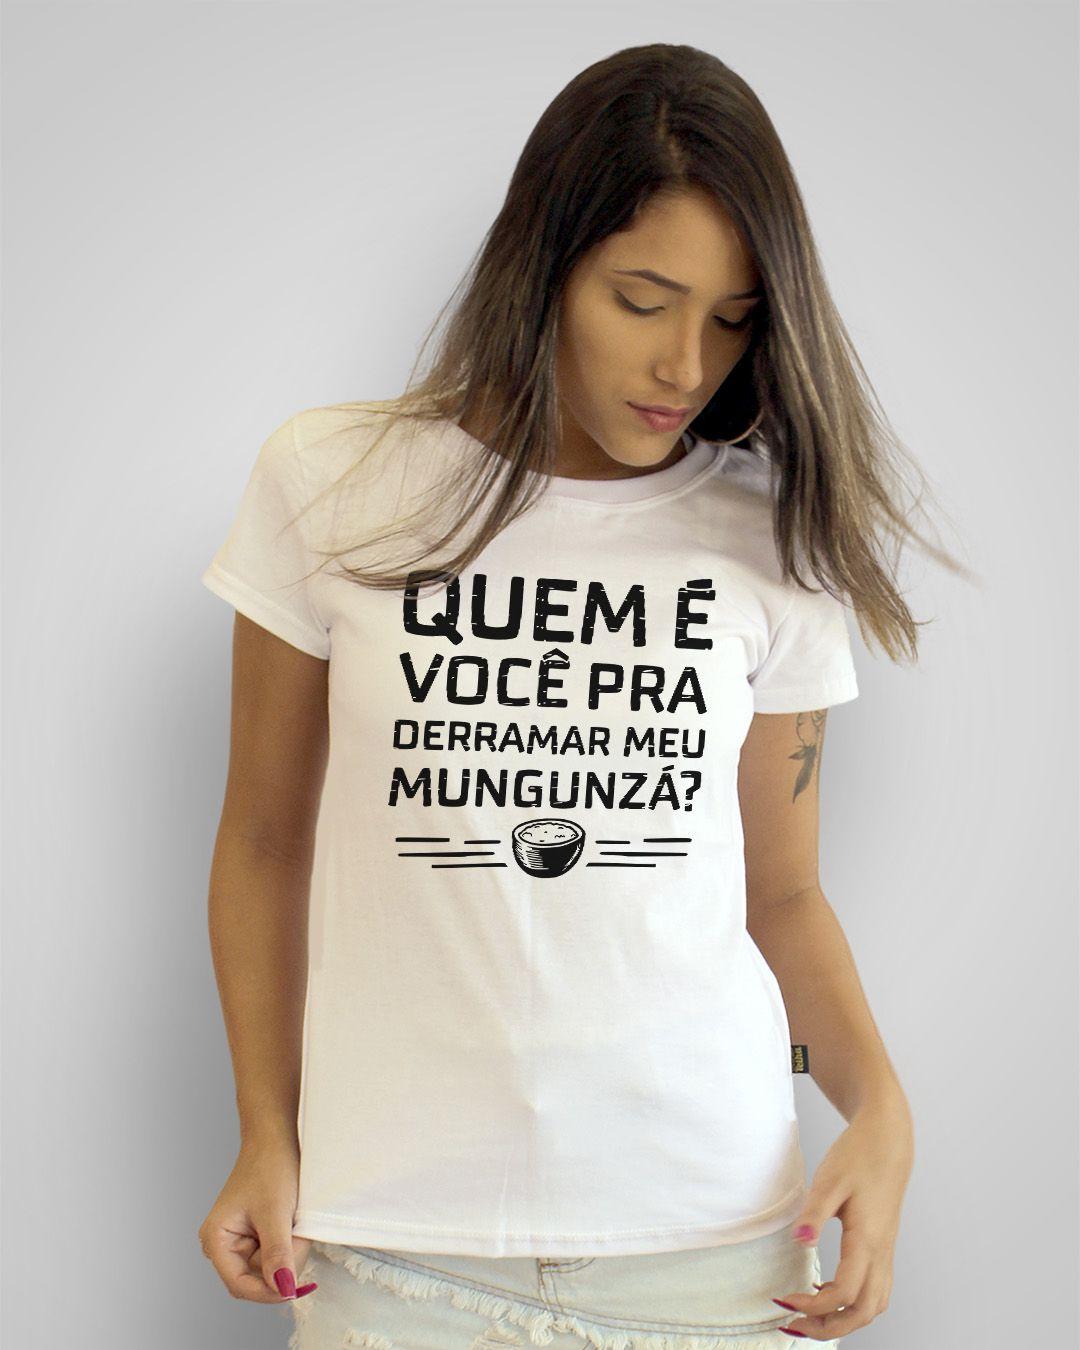 Camiseta Quem é você pra derramar meu mungunzá? - Flavio José